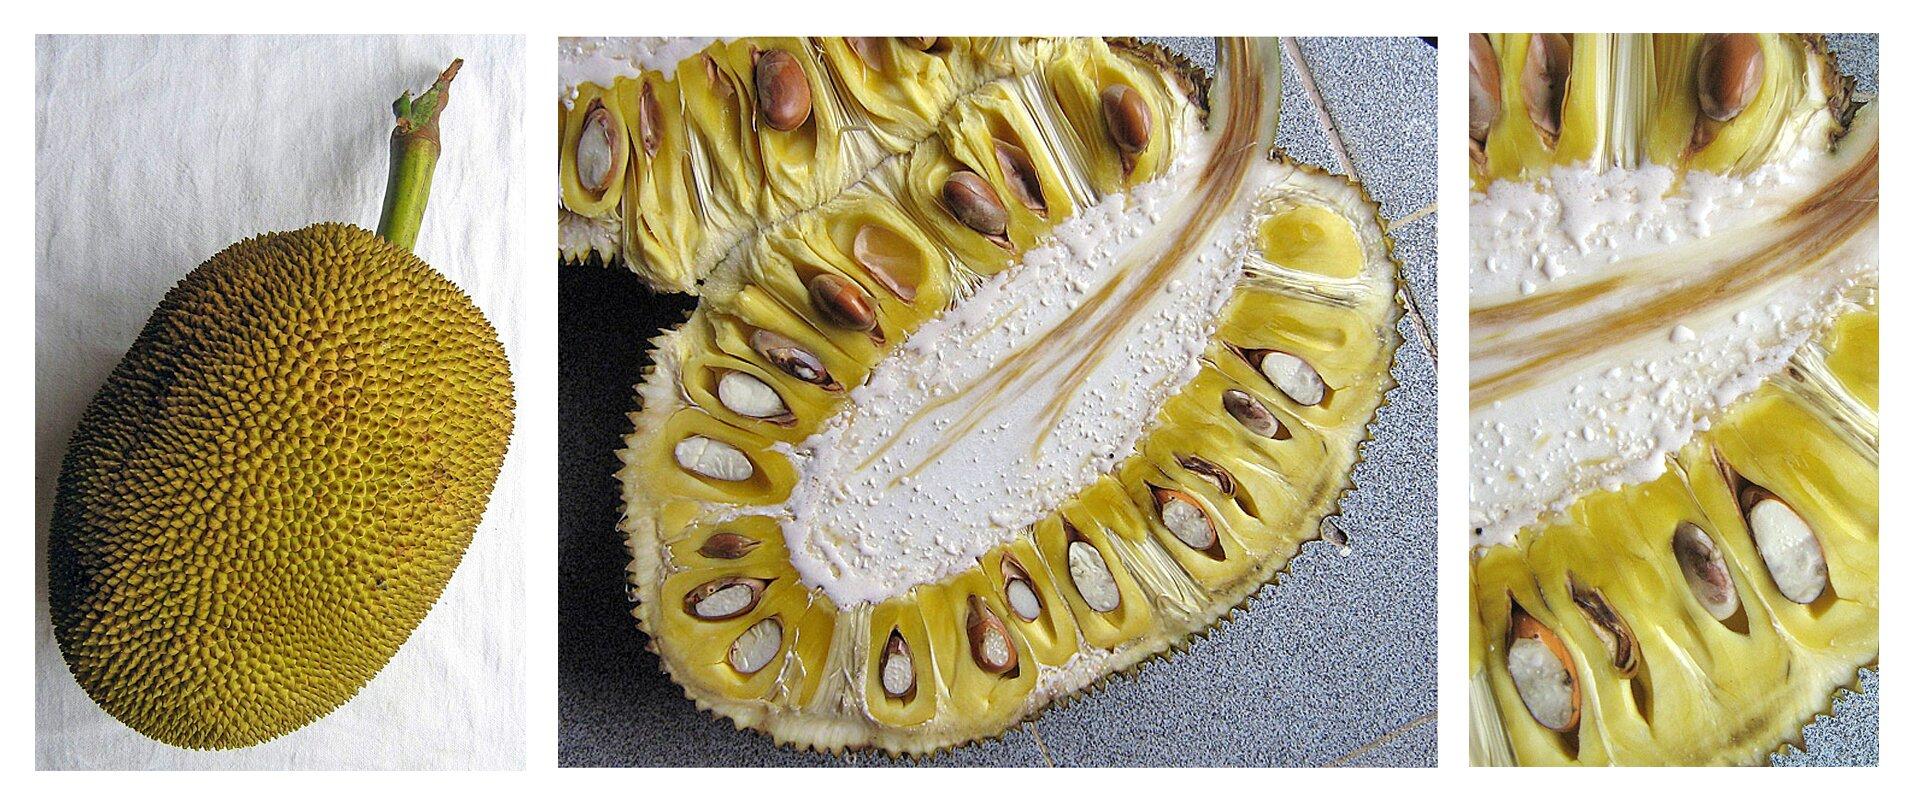 Galeria zawiera fotografie owoców drzewa bochenkowego.Fotografia przedstawia po lewej pojedynczy, żółty, kolczasty owoc zwany jackfruit. Kolejne zdjęcie przedstawia przekrojony owoc: wokół białego środka zbrązowymi włóknami ułożone są brązowe nasiona wżółtej owocni. Dalej wprawo jest zbliżenie fragmentu przekroju. Nasiona zowocnią są jadalne.Fotografia zprawej przedstawia trzy żółte owoce, wyrastające zszarego pnia drzewa chlebowego. Nad nimi mały owoc izielone liście.